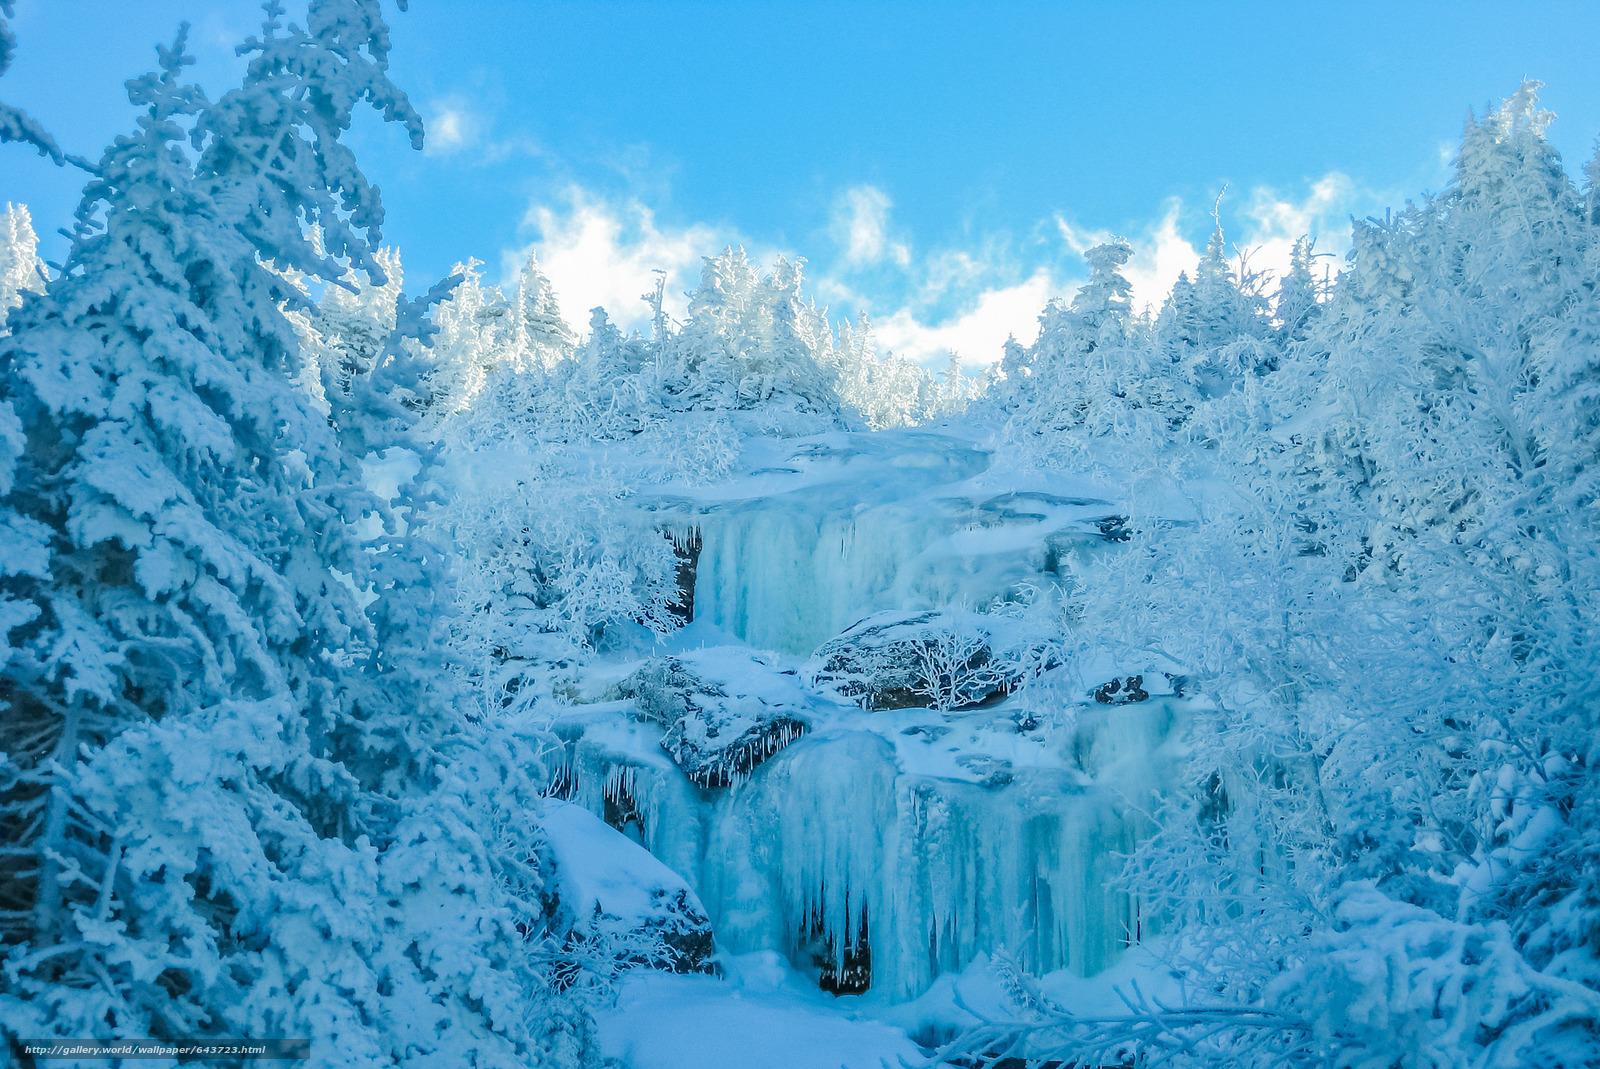 Скачать обои зима,  лес,  небо,  деревья бесплатно для рабочего стола в разрешении 2048x1368 — картинка №643723